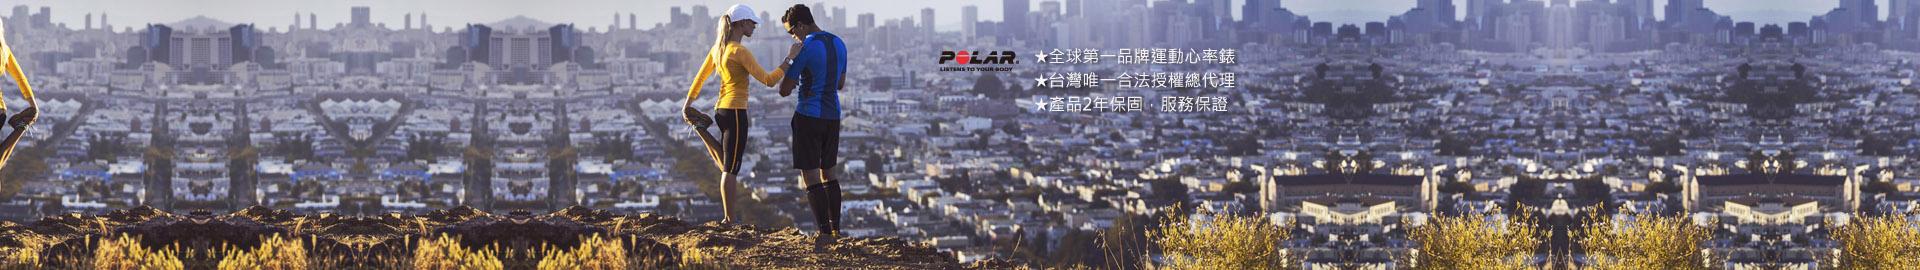 全球第一品牌運動心率錶-真實反饋運動心跳